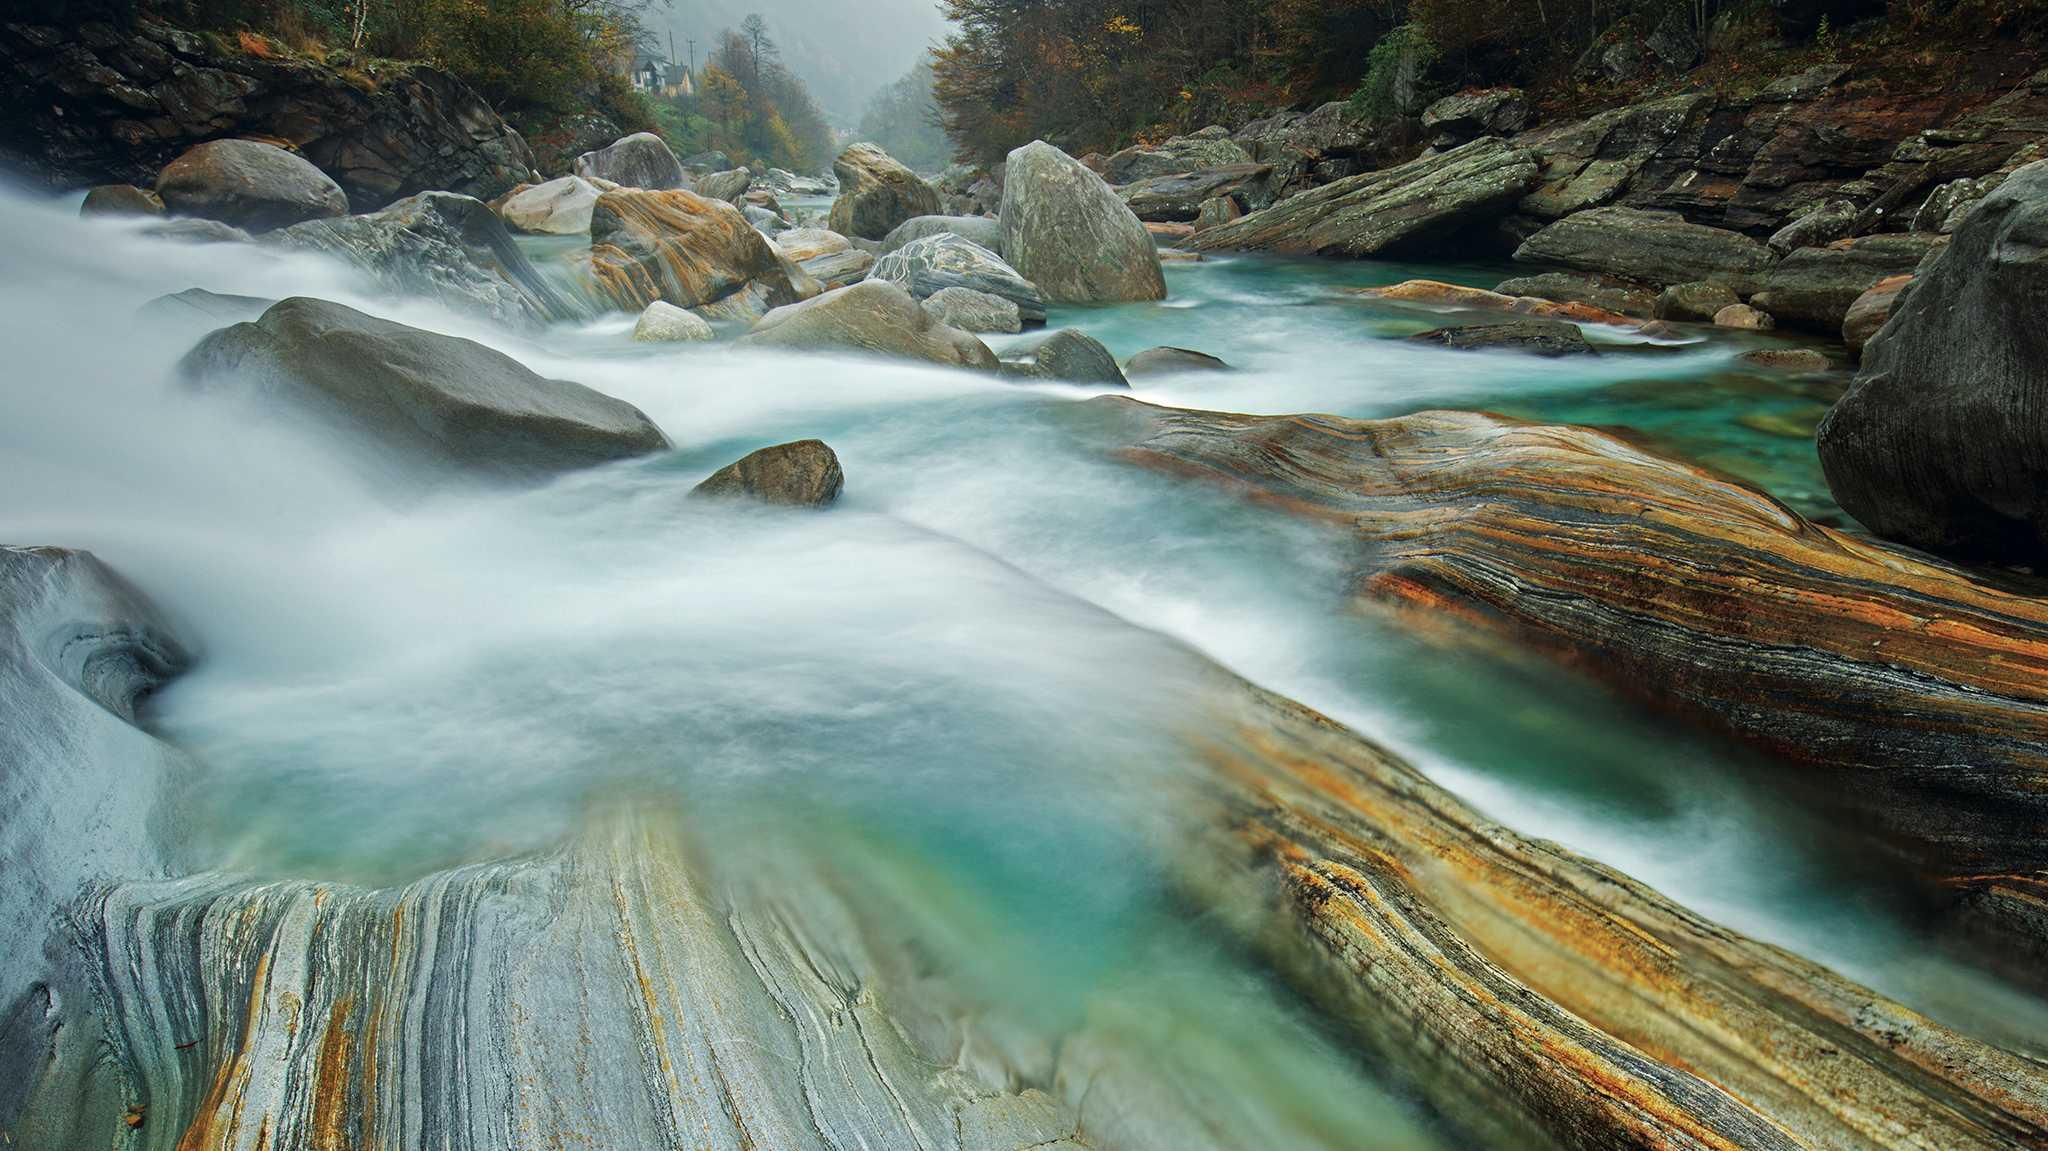 Von Wasser und Steinen: Landschaftsaufnahmen mit Dynamik